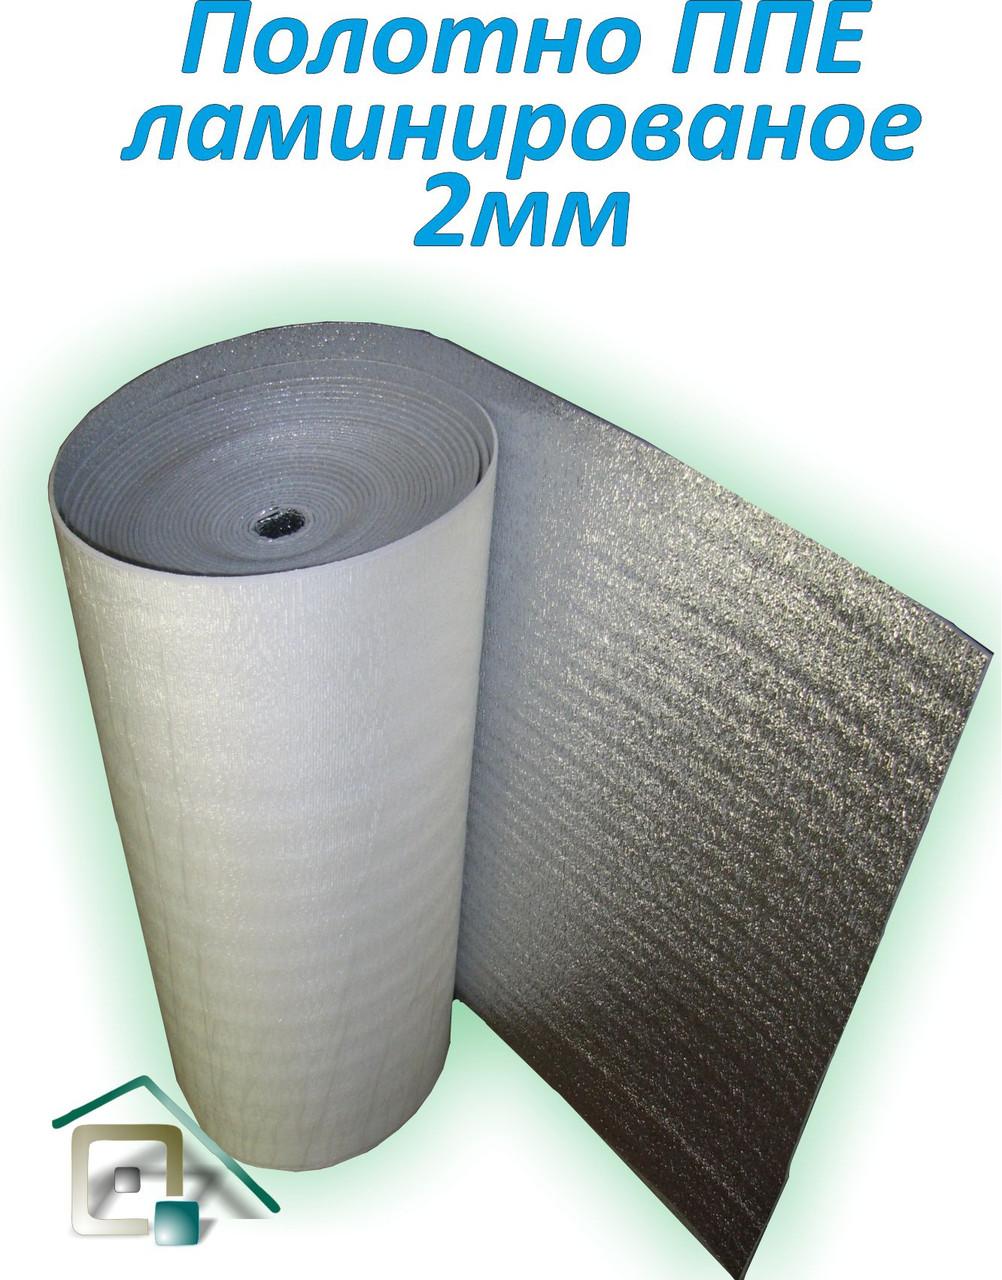 Полотно из вспененого полиэтилена ламинированное 2мм